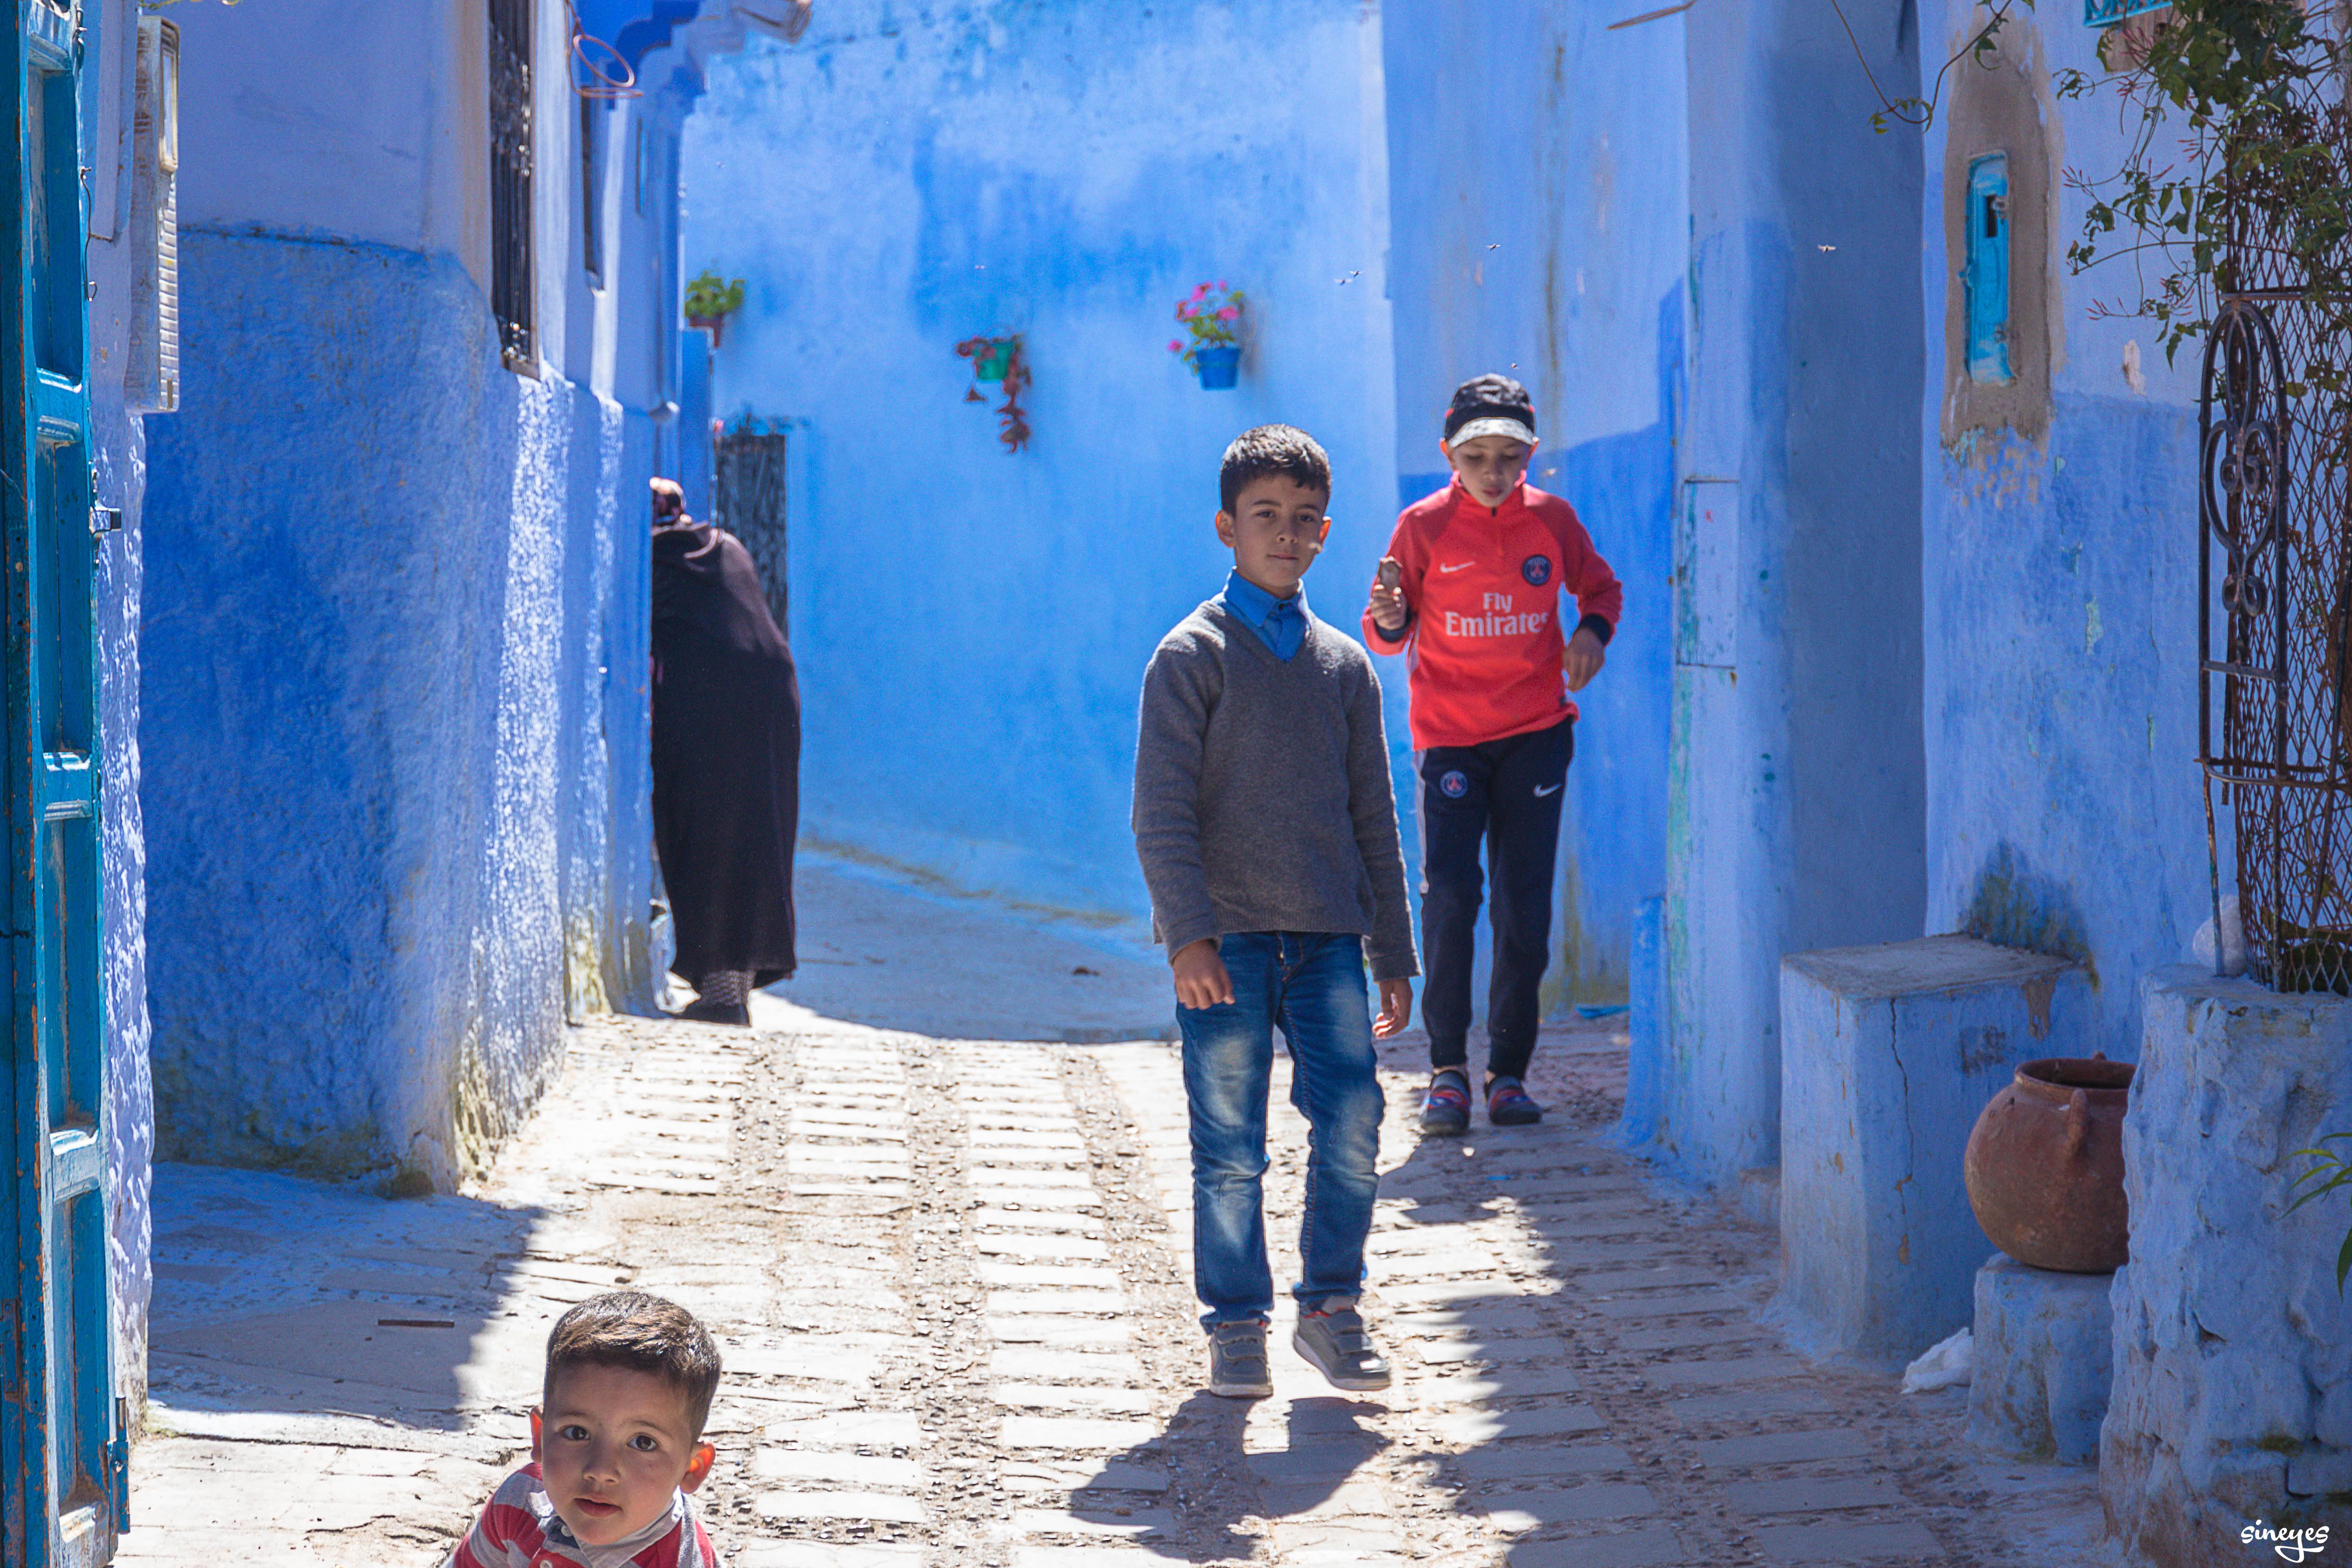 Chefchaouen street gang - Chefchaouen, Maroc, avril 2018